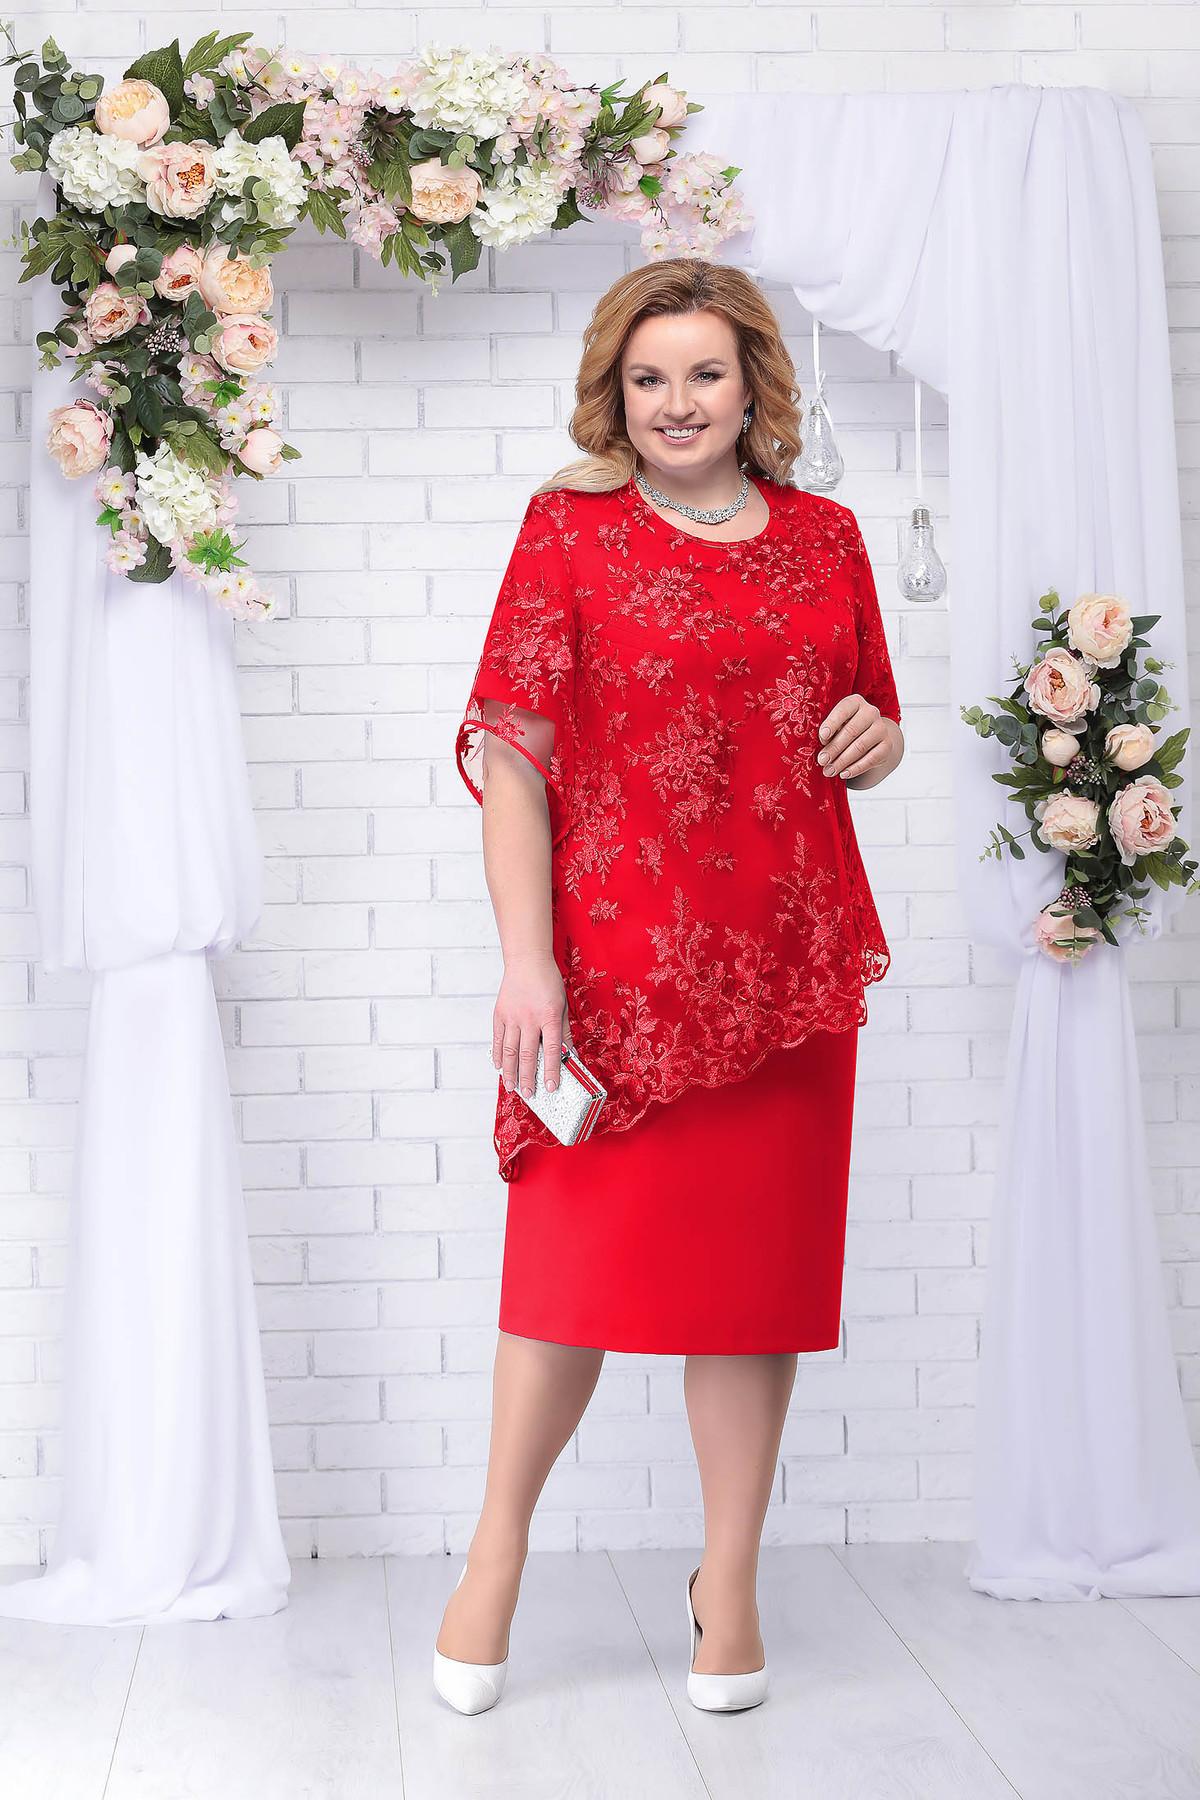 Compleu rosu elegant din 2 piese cu rochie imagine